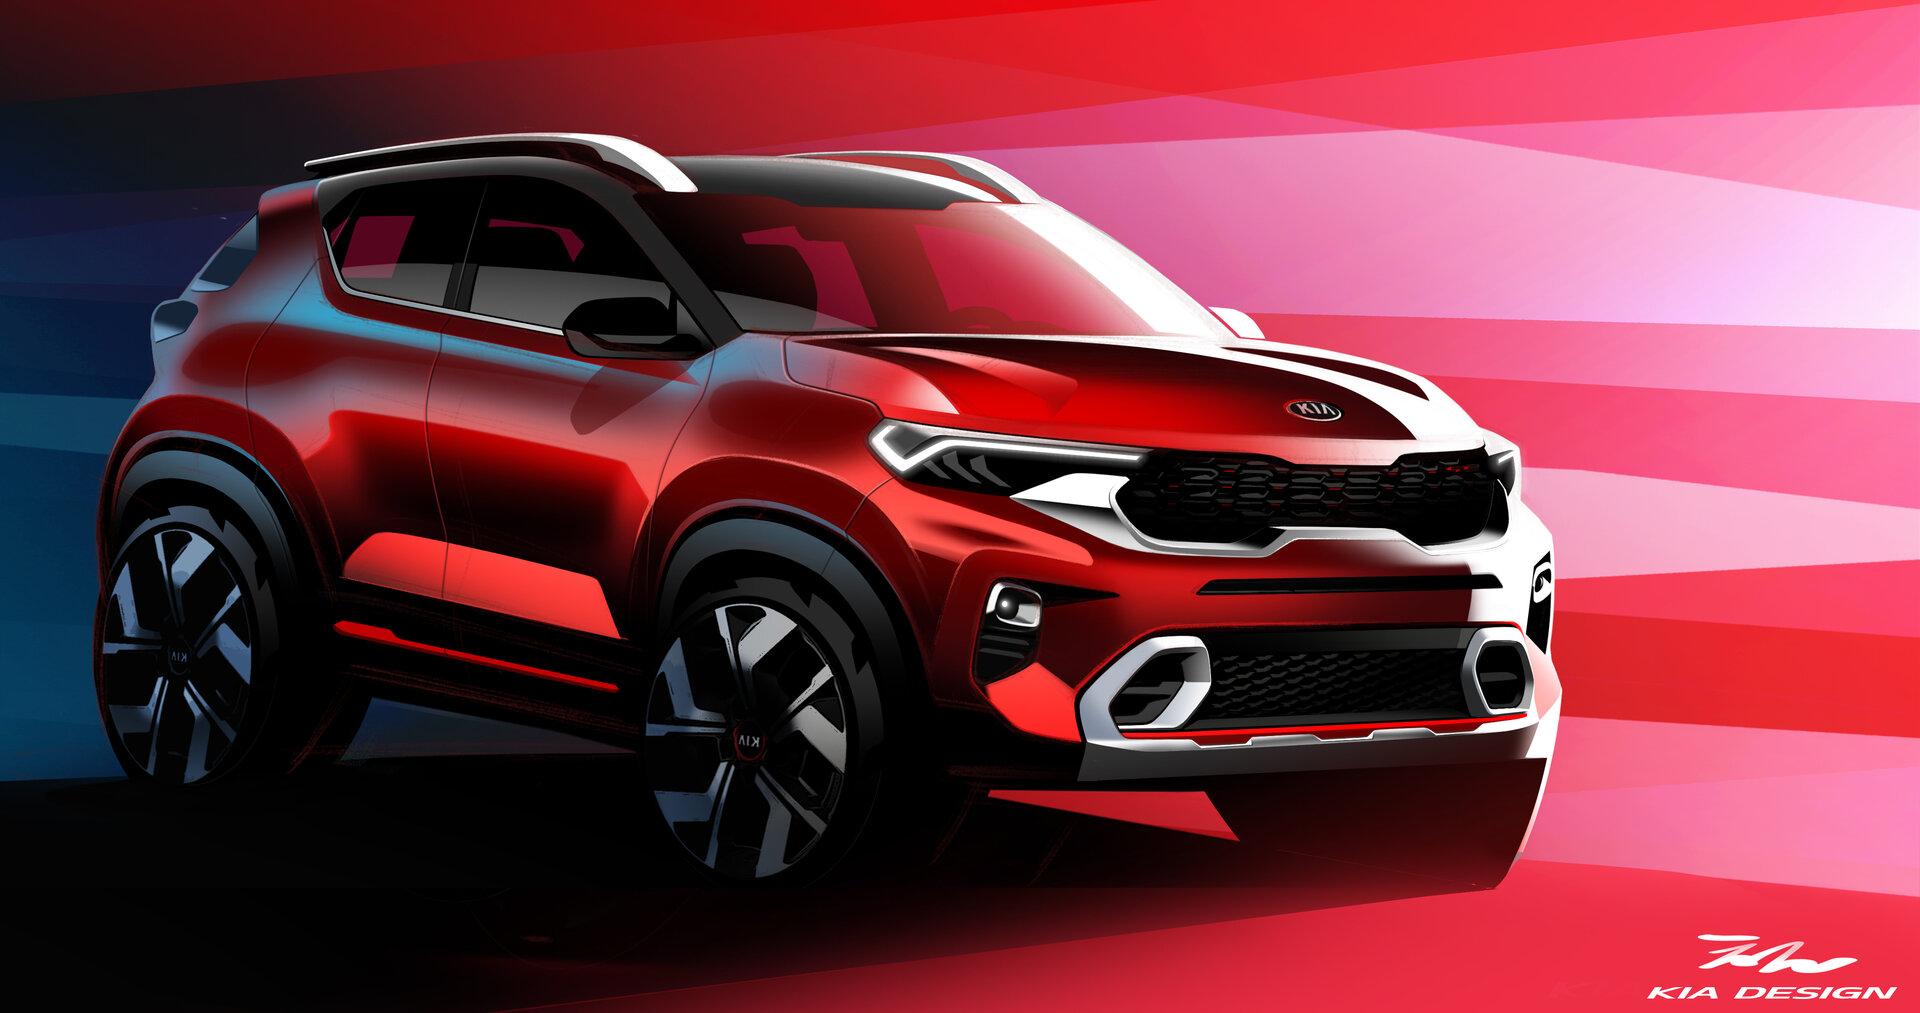 Kia revela nuevos detalles del Kia Sonet, su nuevo SUV